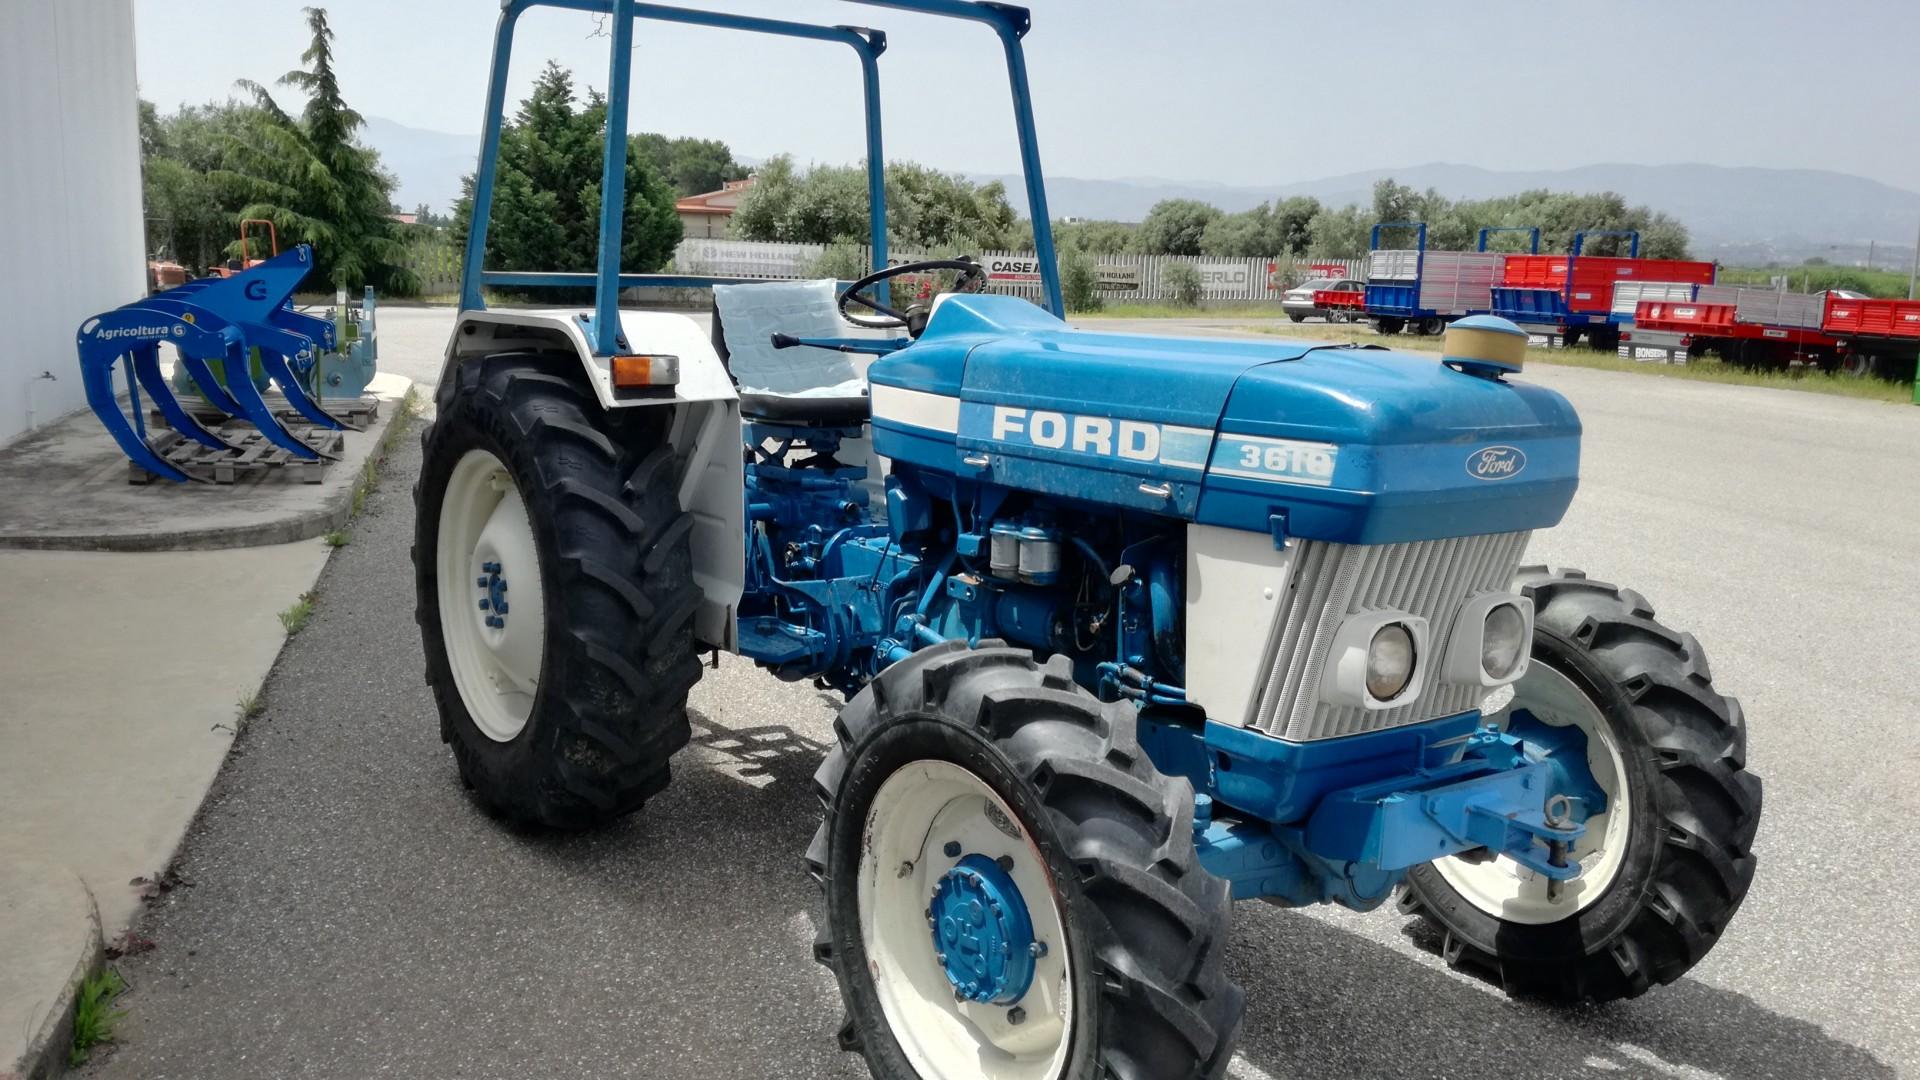 trattore usato ford 3610 visto dal lato frontale sinistro